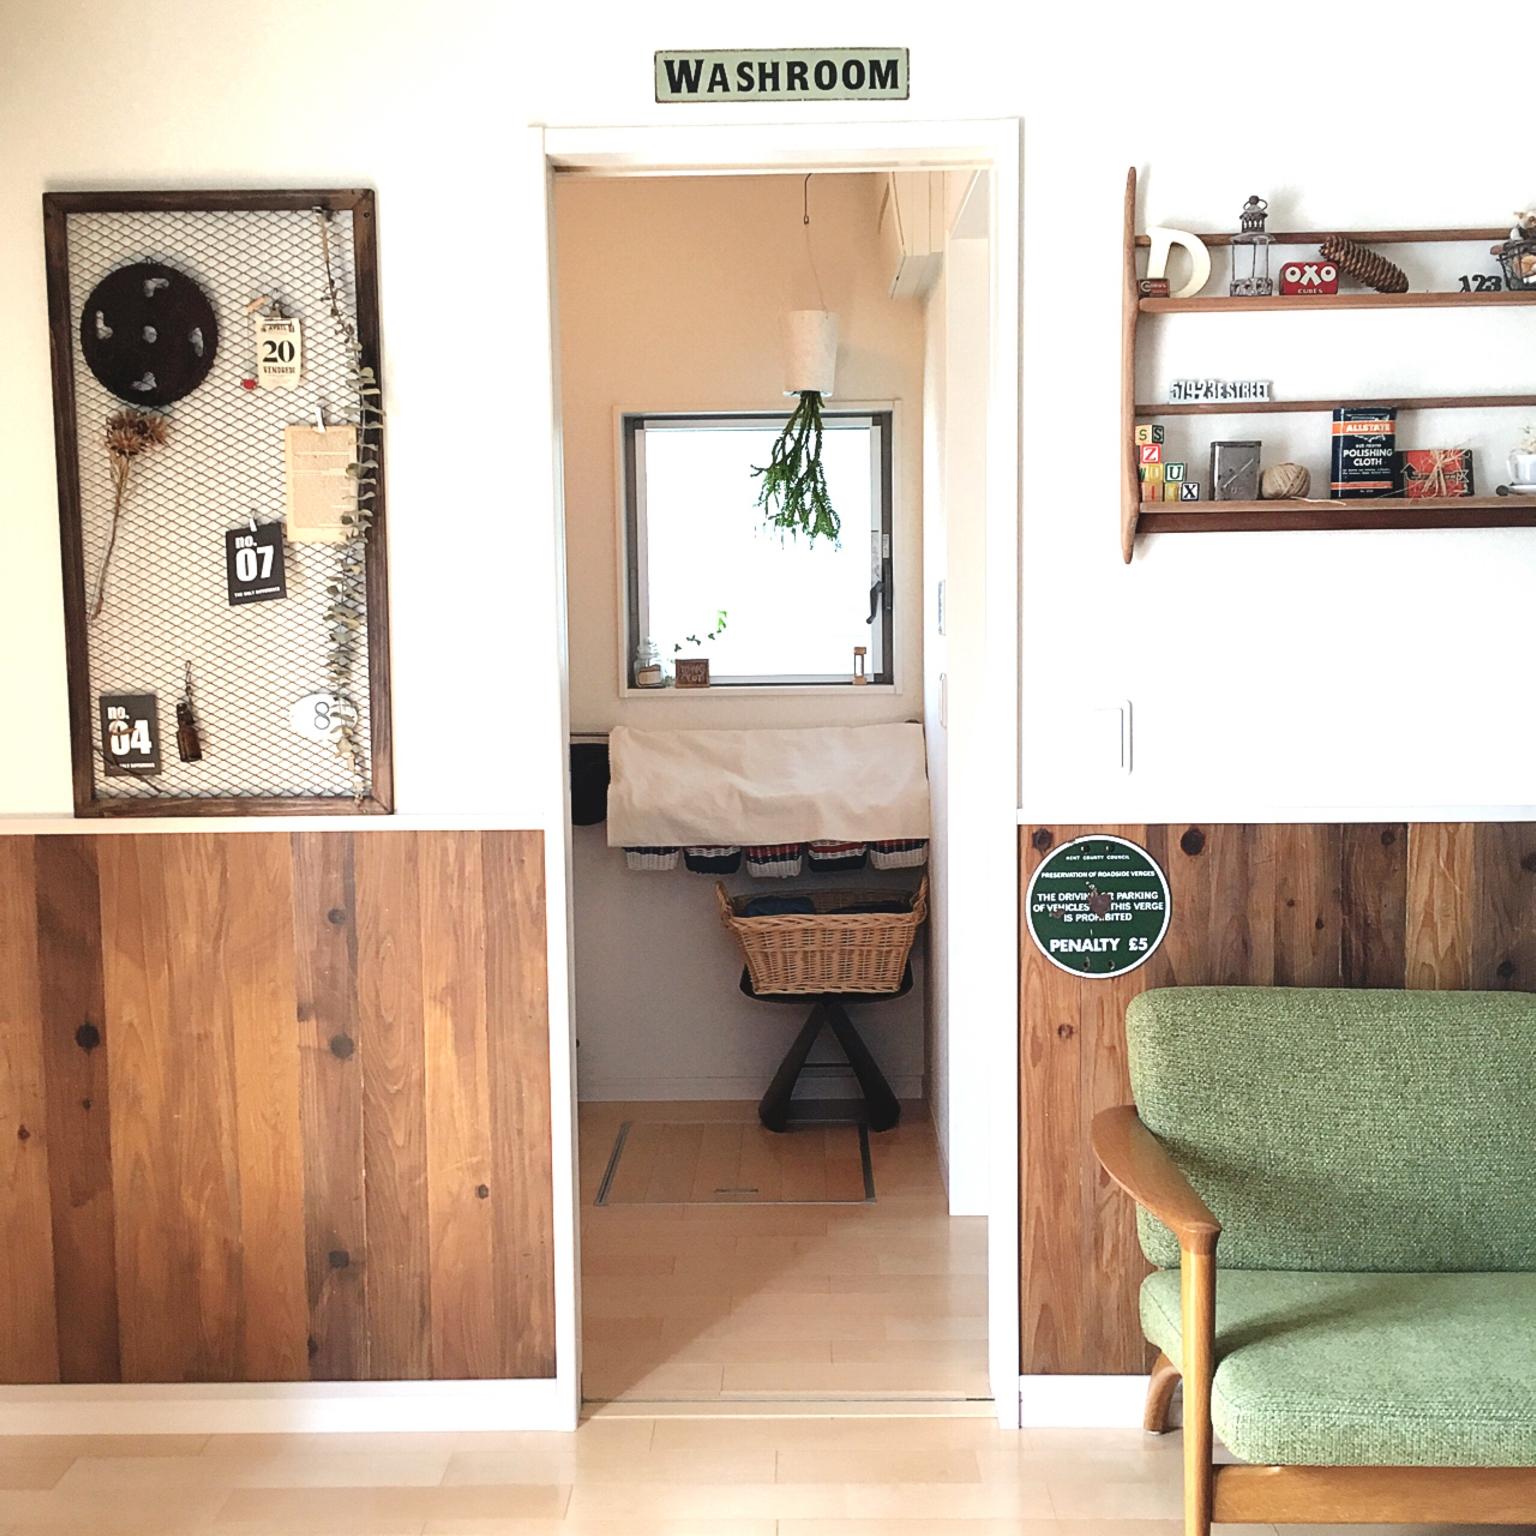 【おしゃれな壁インテリア決定版】壁紙や写真でお部屋を飾ろう!